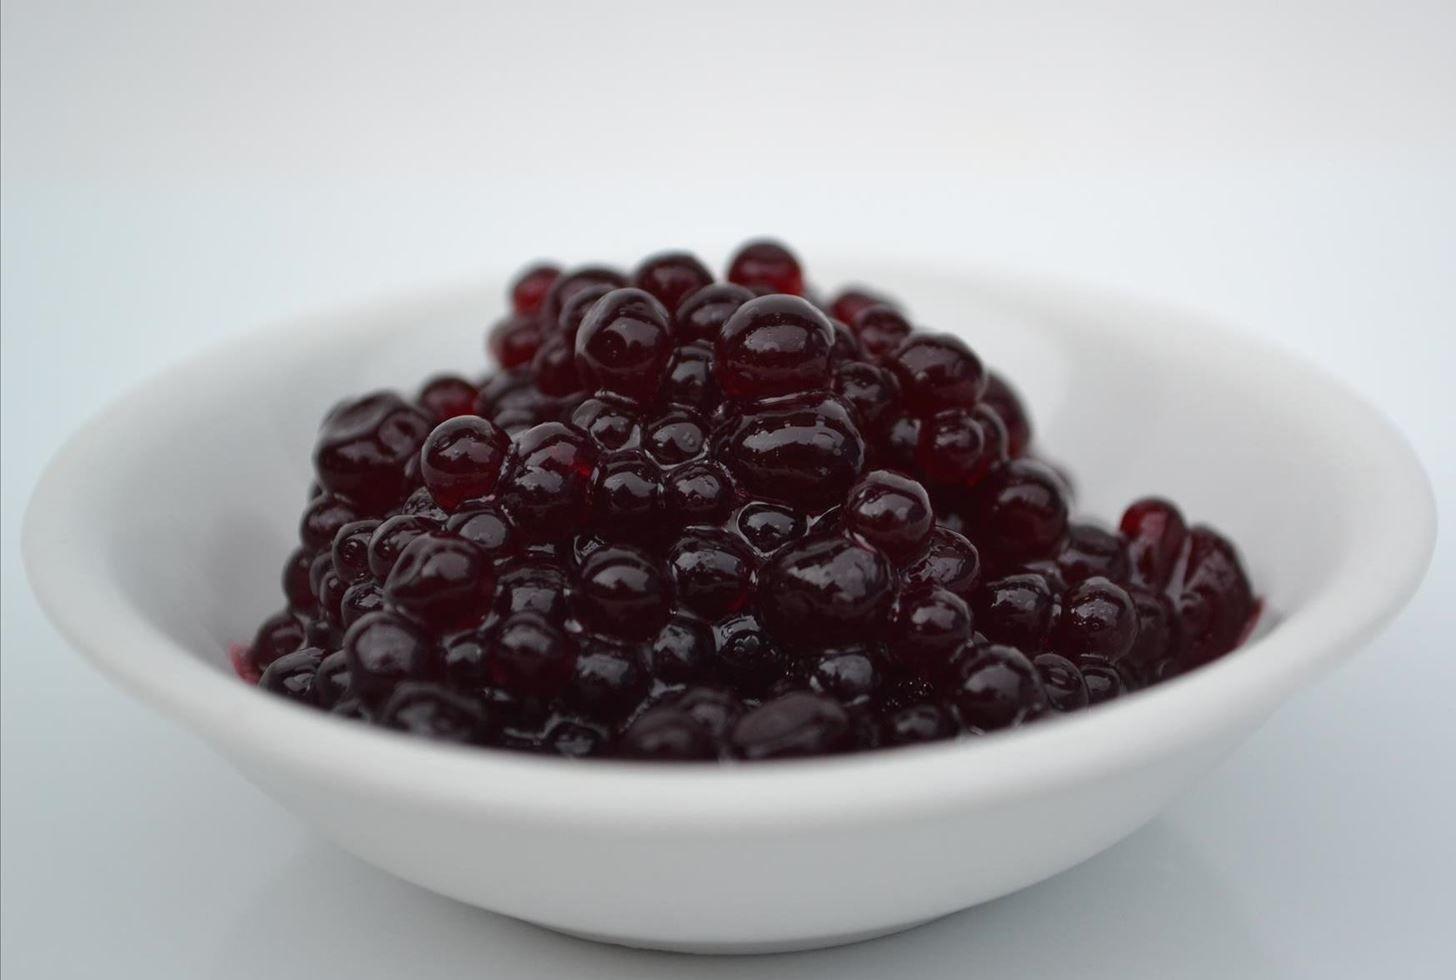 How To Make Easy Imitation Caviar At Home Caviar Recipes Coffee